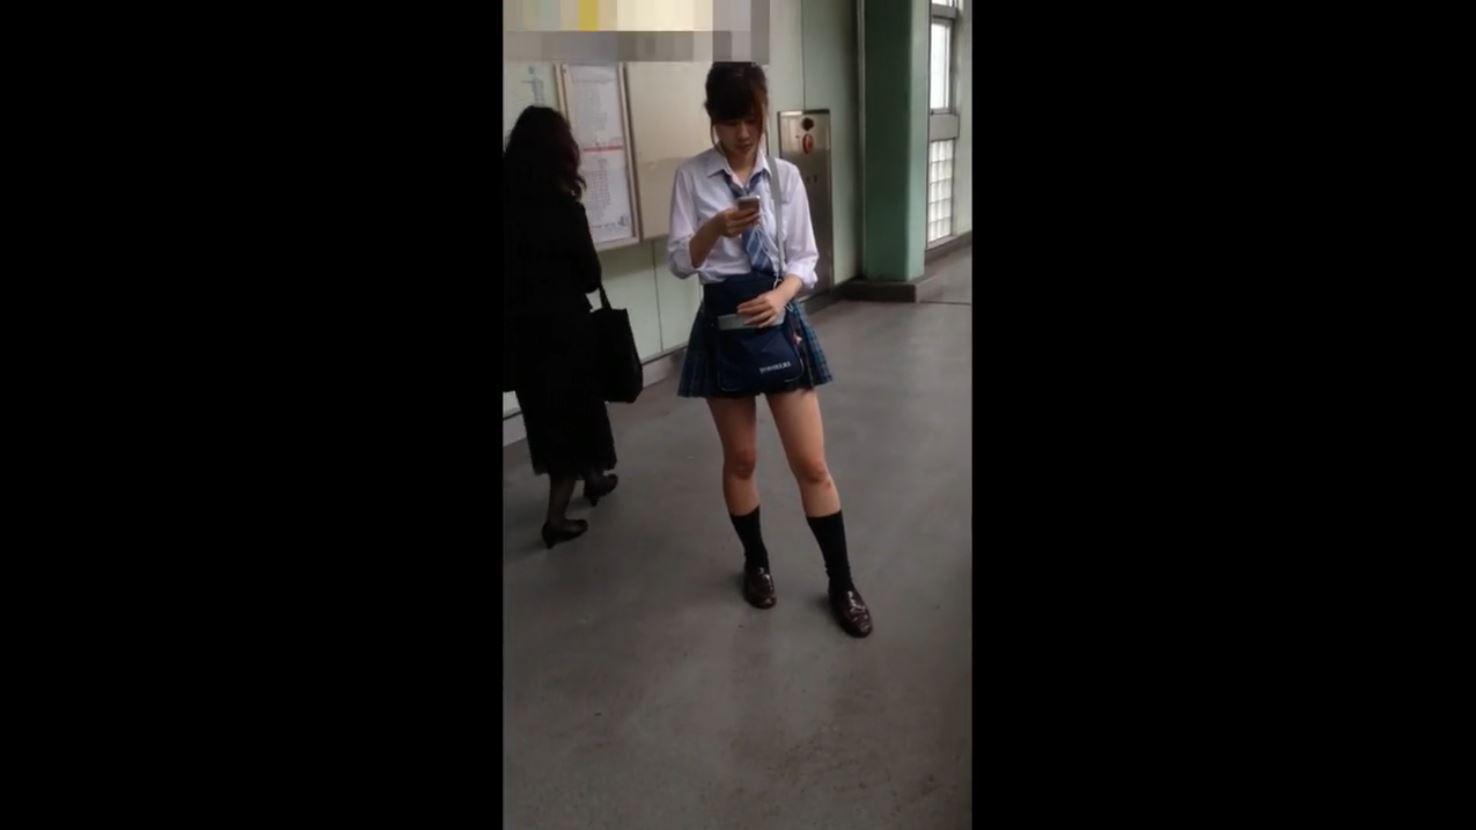 《女子校生リアル動画スカートめくりパンティ盗撮》『エスカで制服JKのスカートめくりバレた』